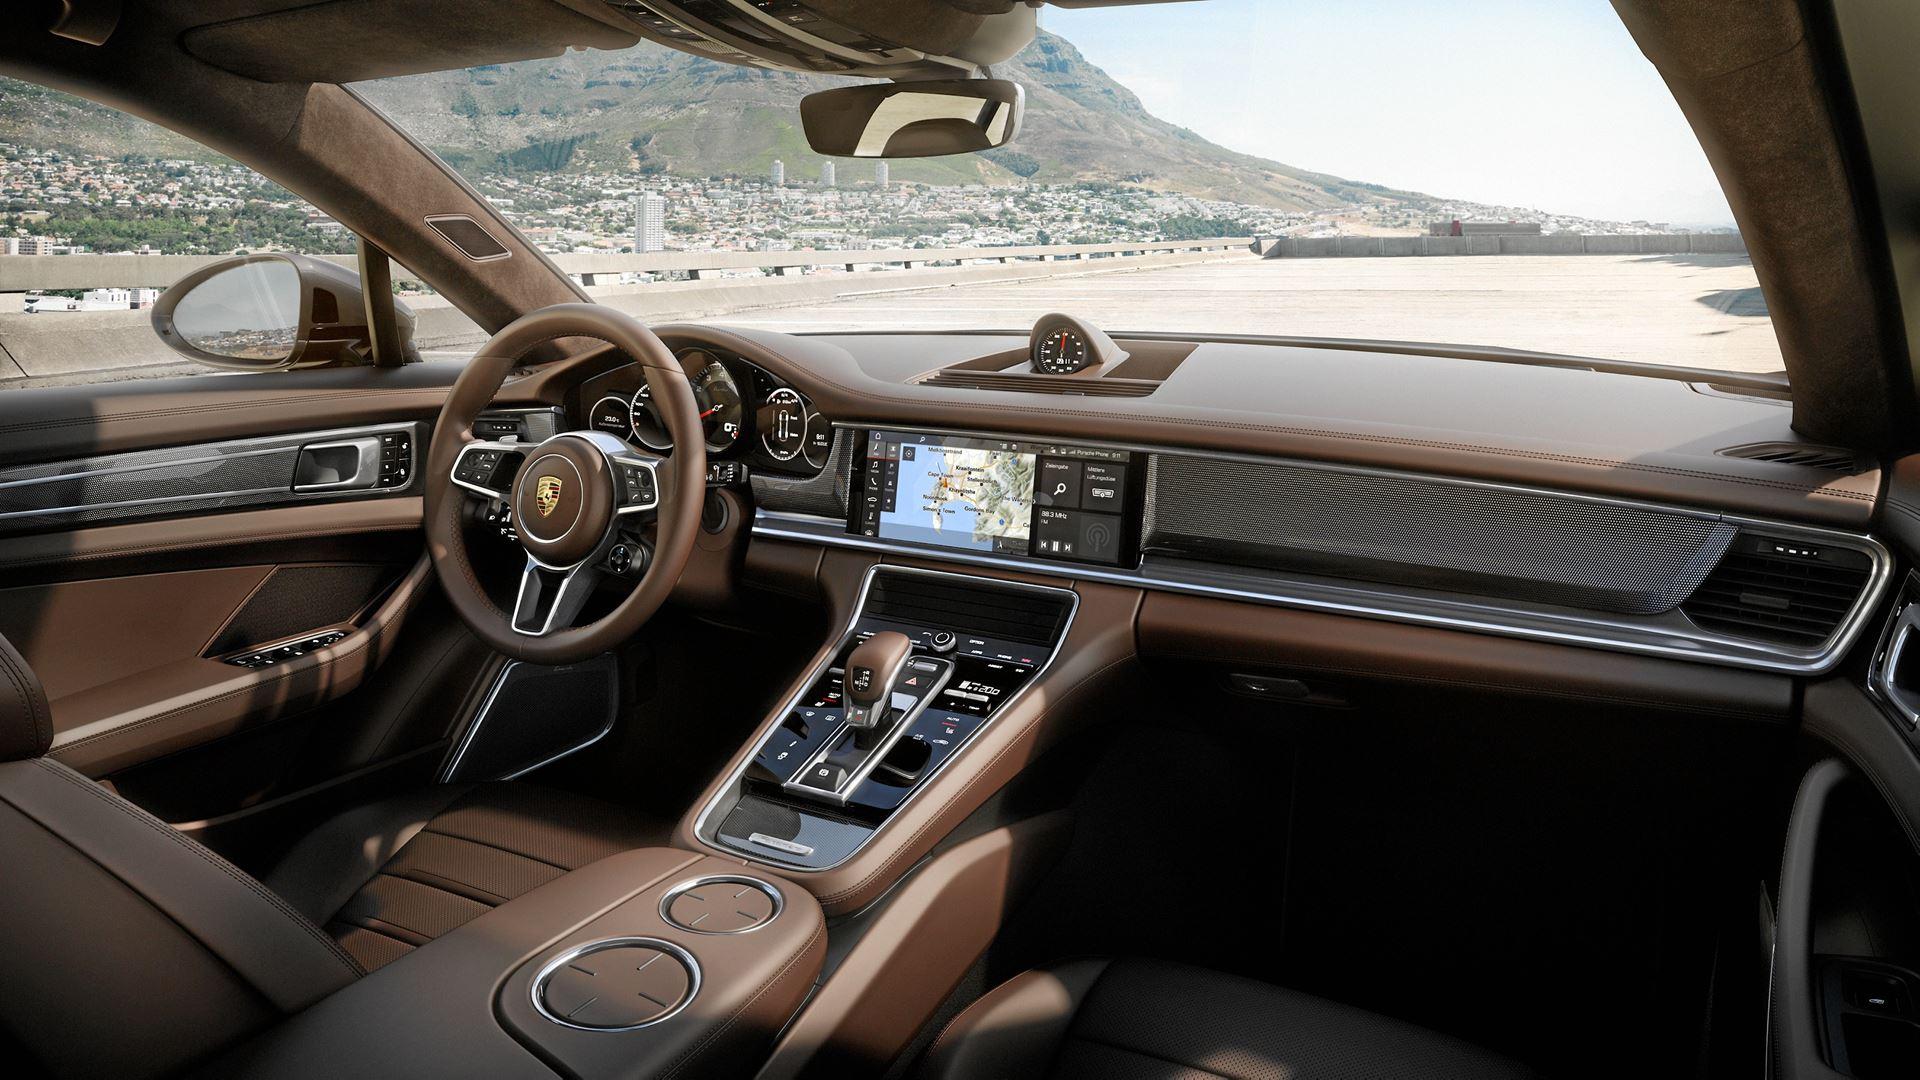 Porsche er klar med en ny variant af den luksuriøse familiebil, der er blevet lidt mere praktisk. Og med et nødsæde har den nu plads til fem personer